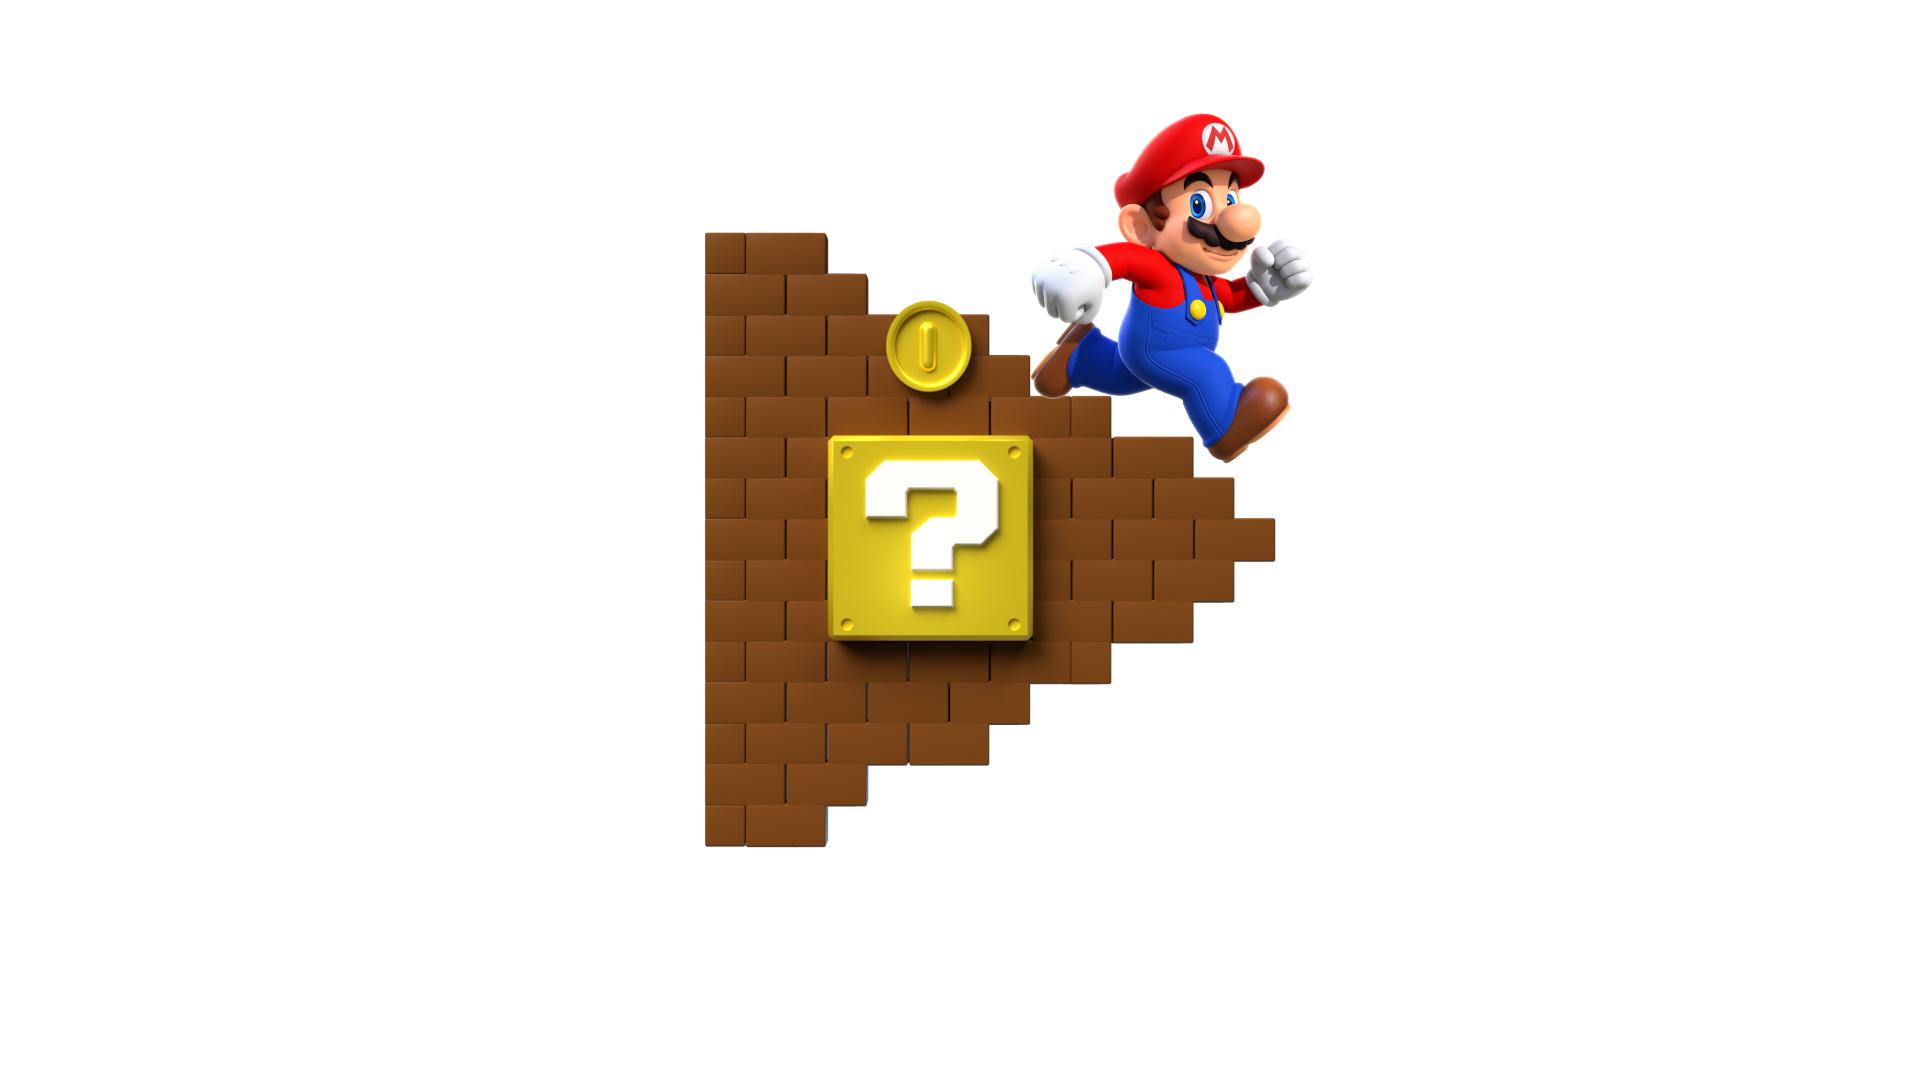 GooglePlay_Logo_MarioA01_v02.jpg